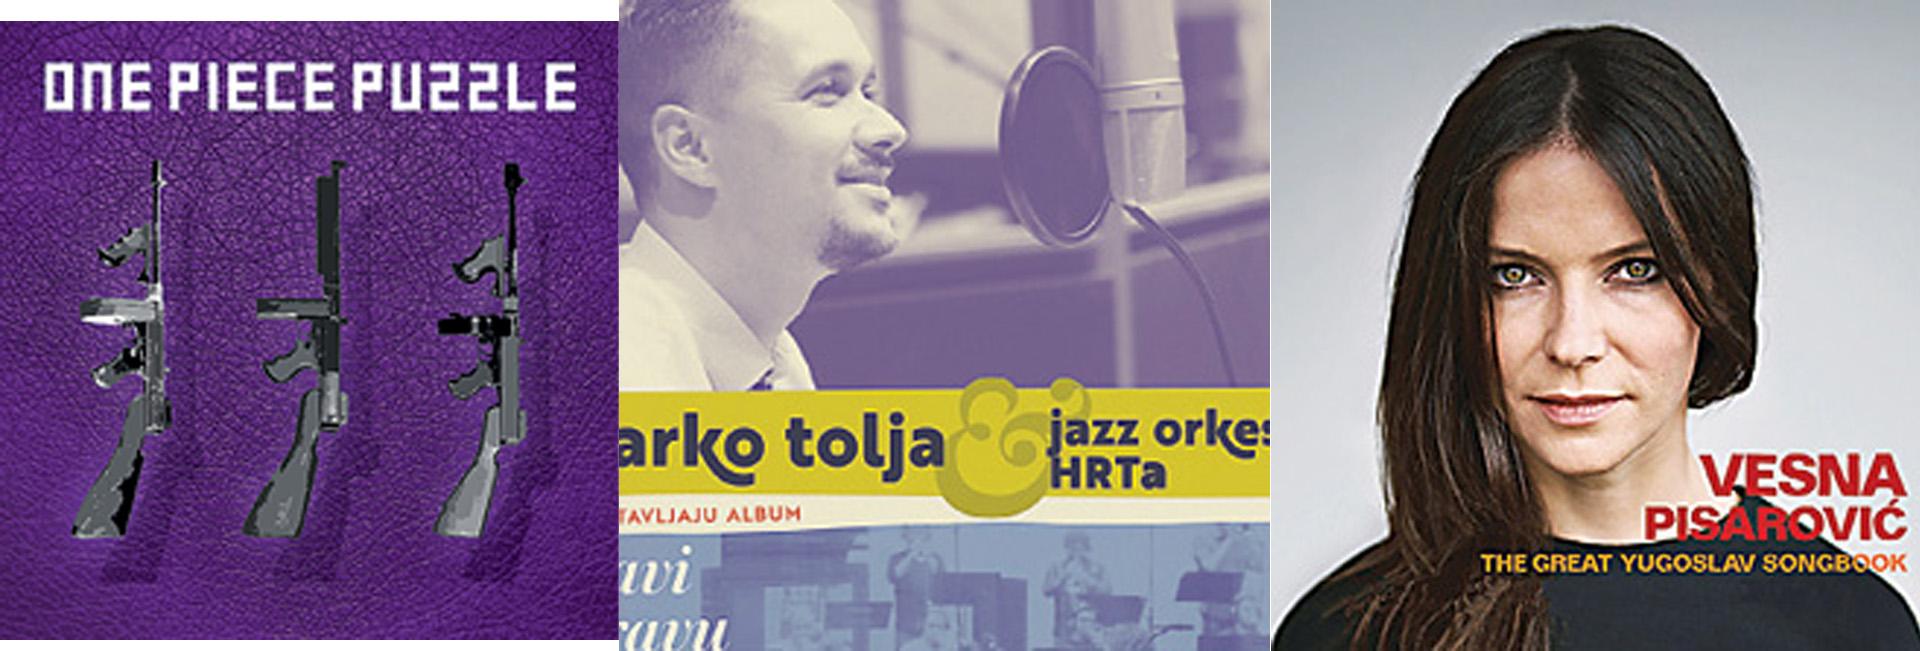 GLAZBENE RECENZIJE One Piece Puzzle, Marko Tolja & Jazz Orkestar HRT-a, Vesna Pisarović